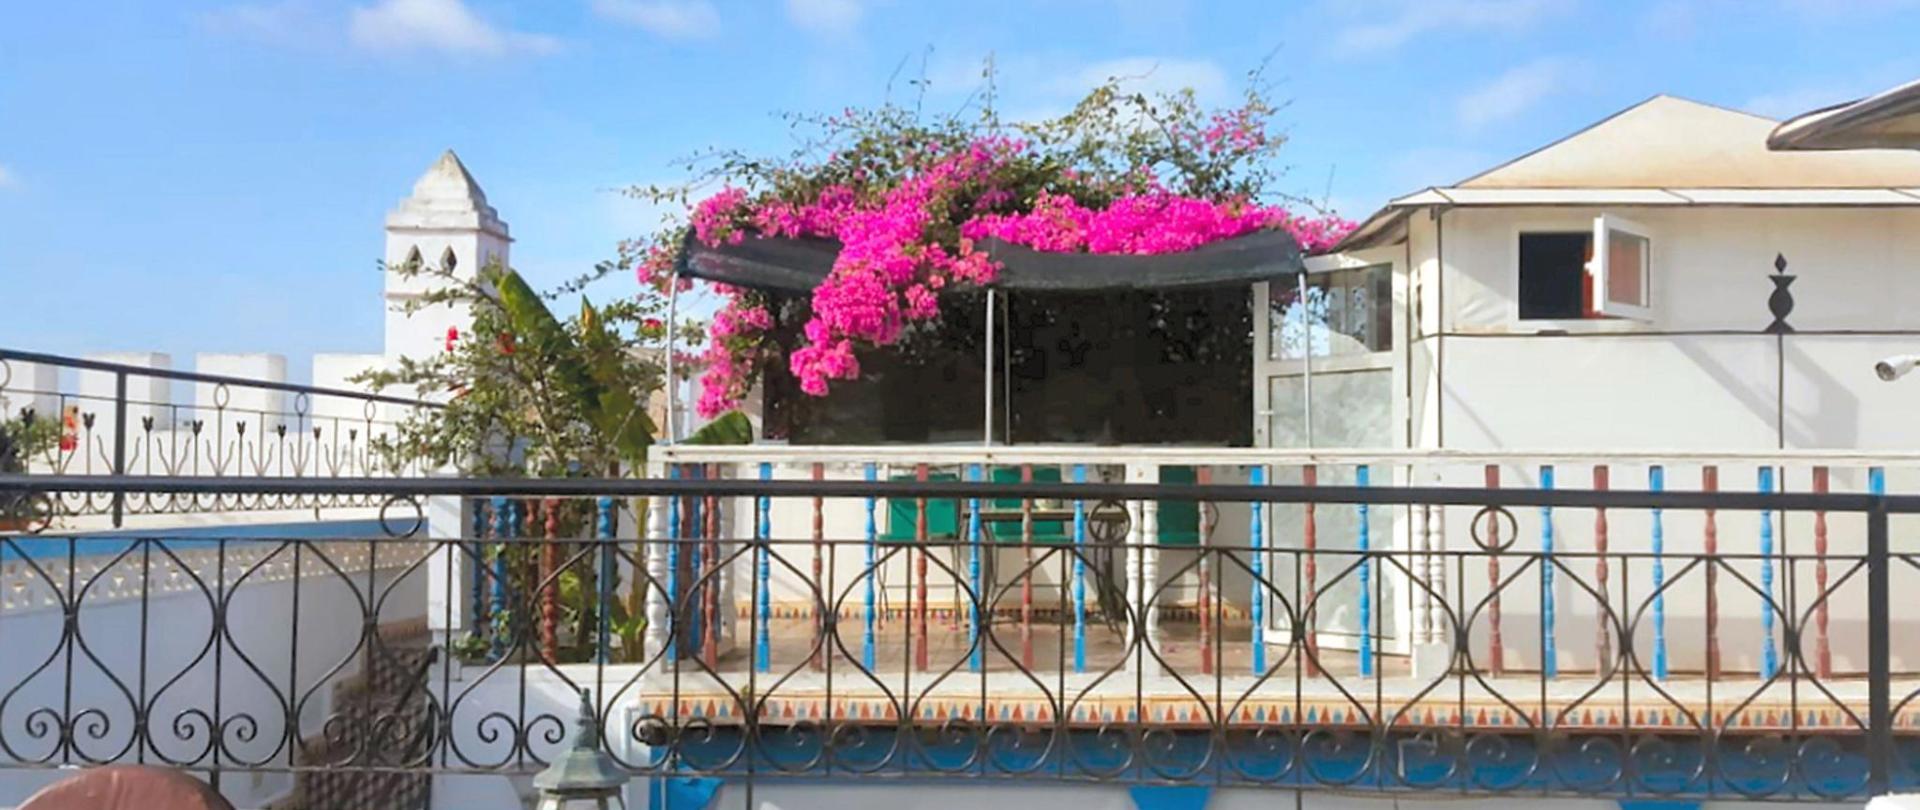 terrasse-tente-novembre2.jpg